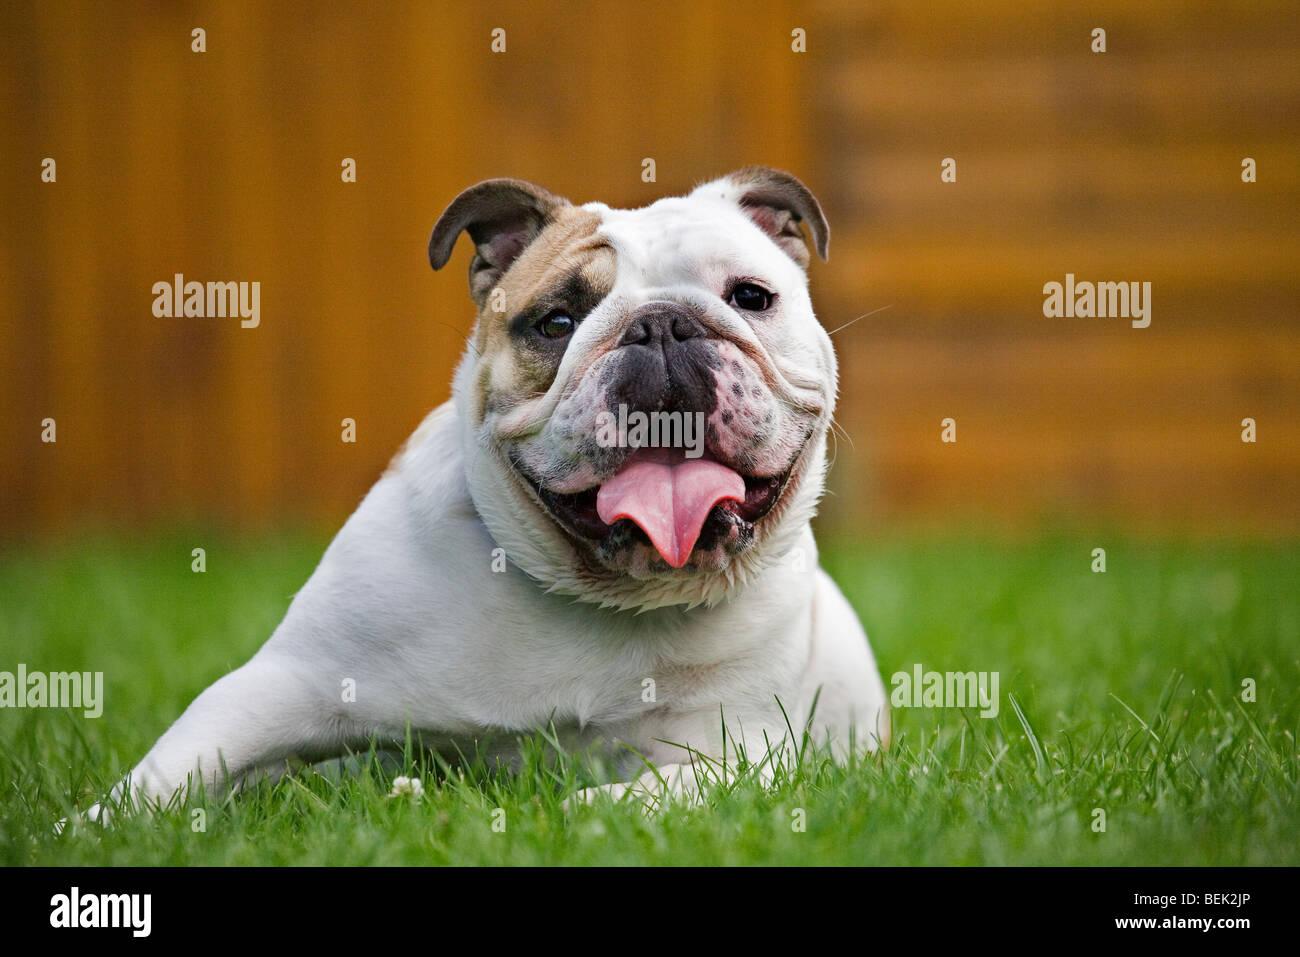 Bulldog, British dog breed on lawn in garden - Stock Image